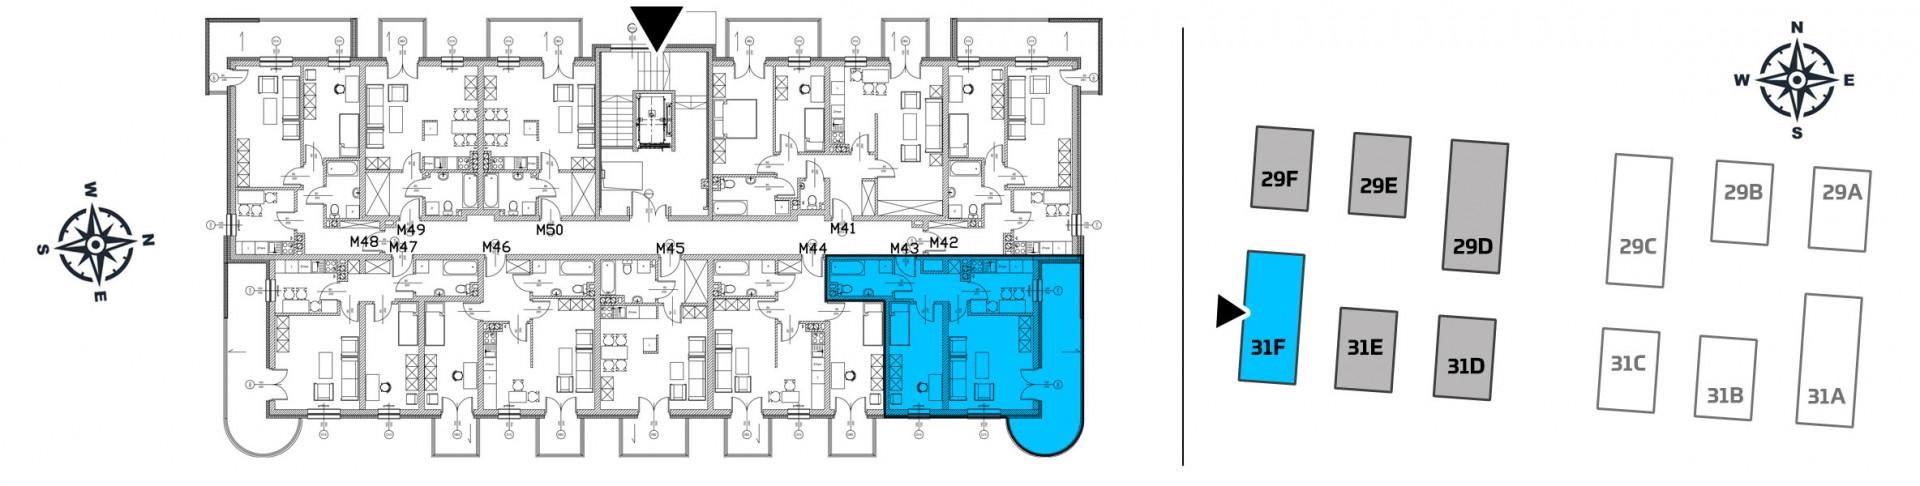 Mieszkanie dwupokojowe 31F/43 rzut 2